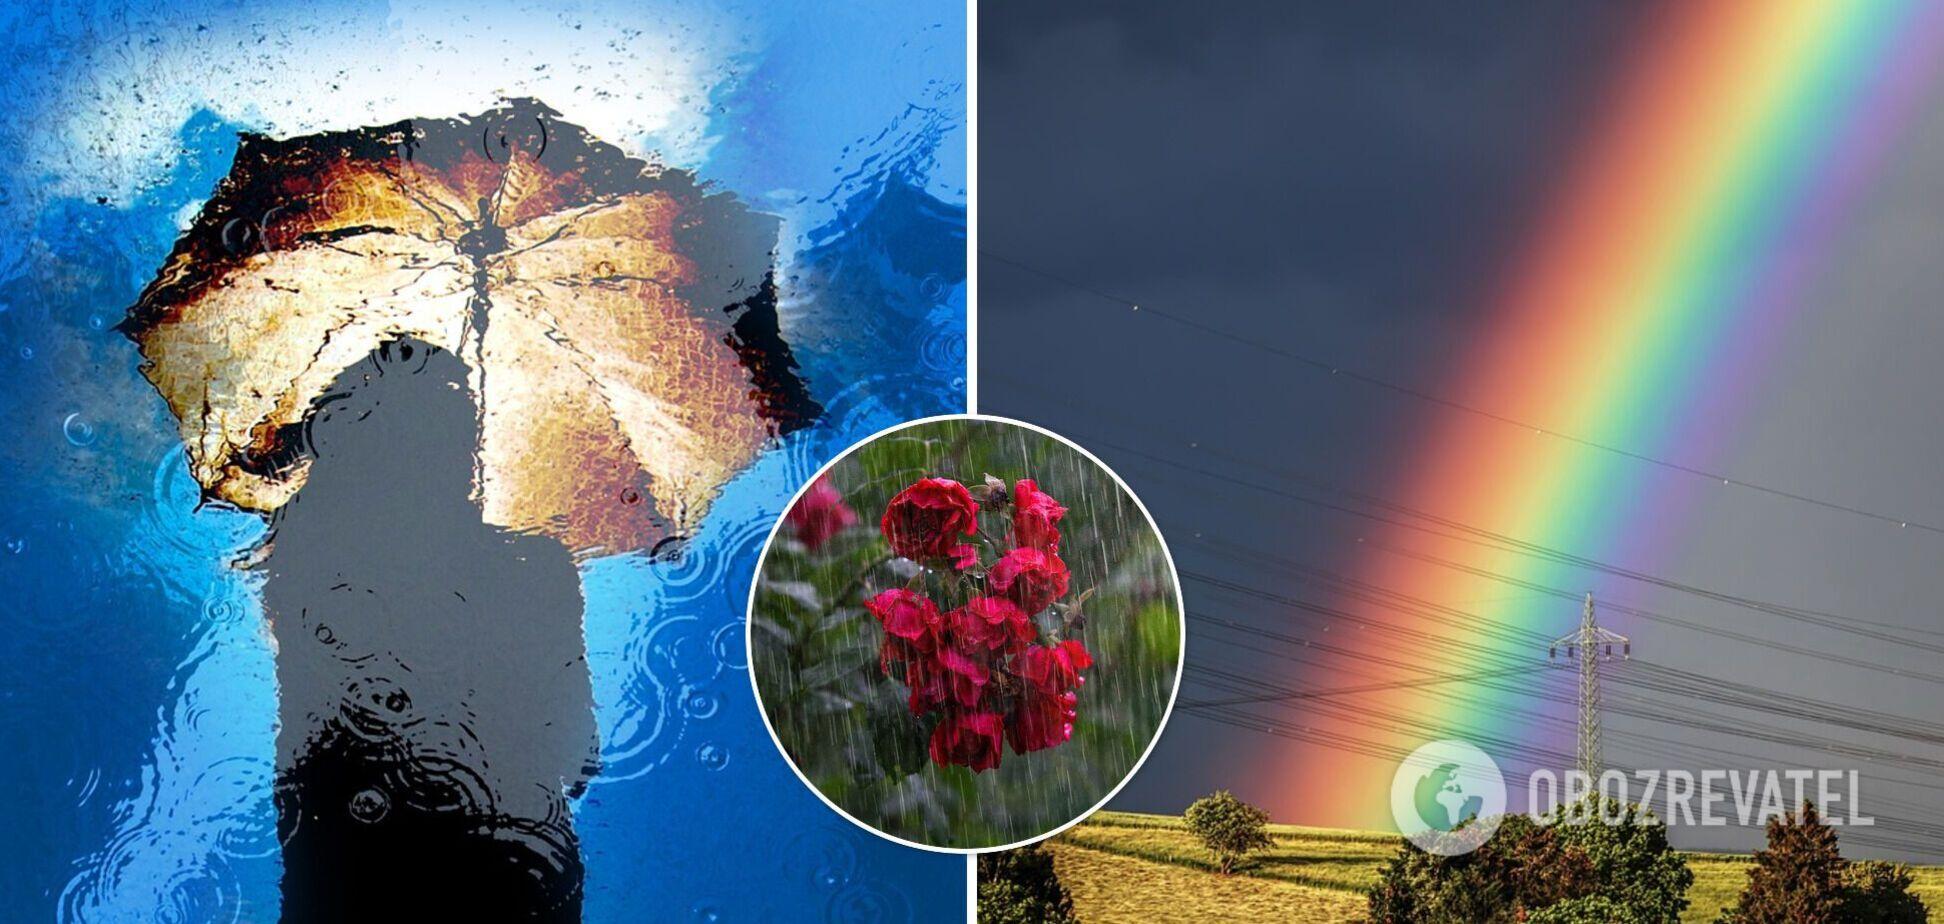 Погода 22 липня принесе в Україну дощі та зливи: синоптики попереджають про шквальний вітер і град